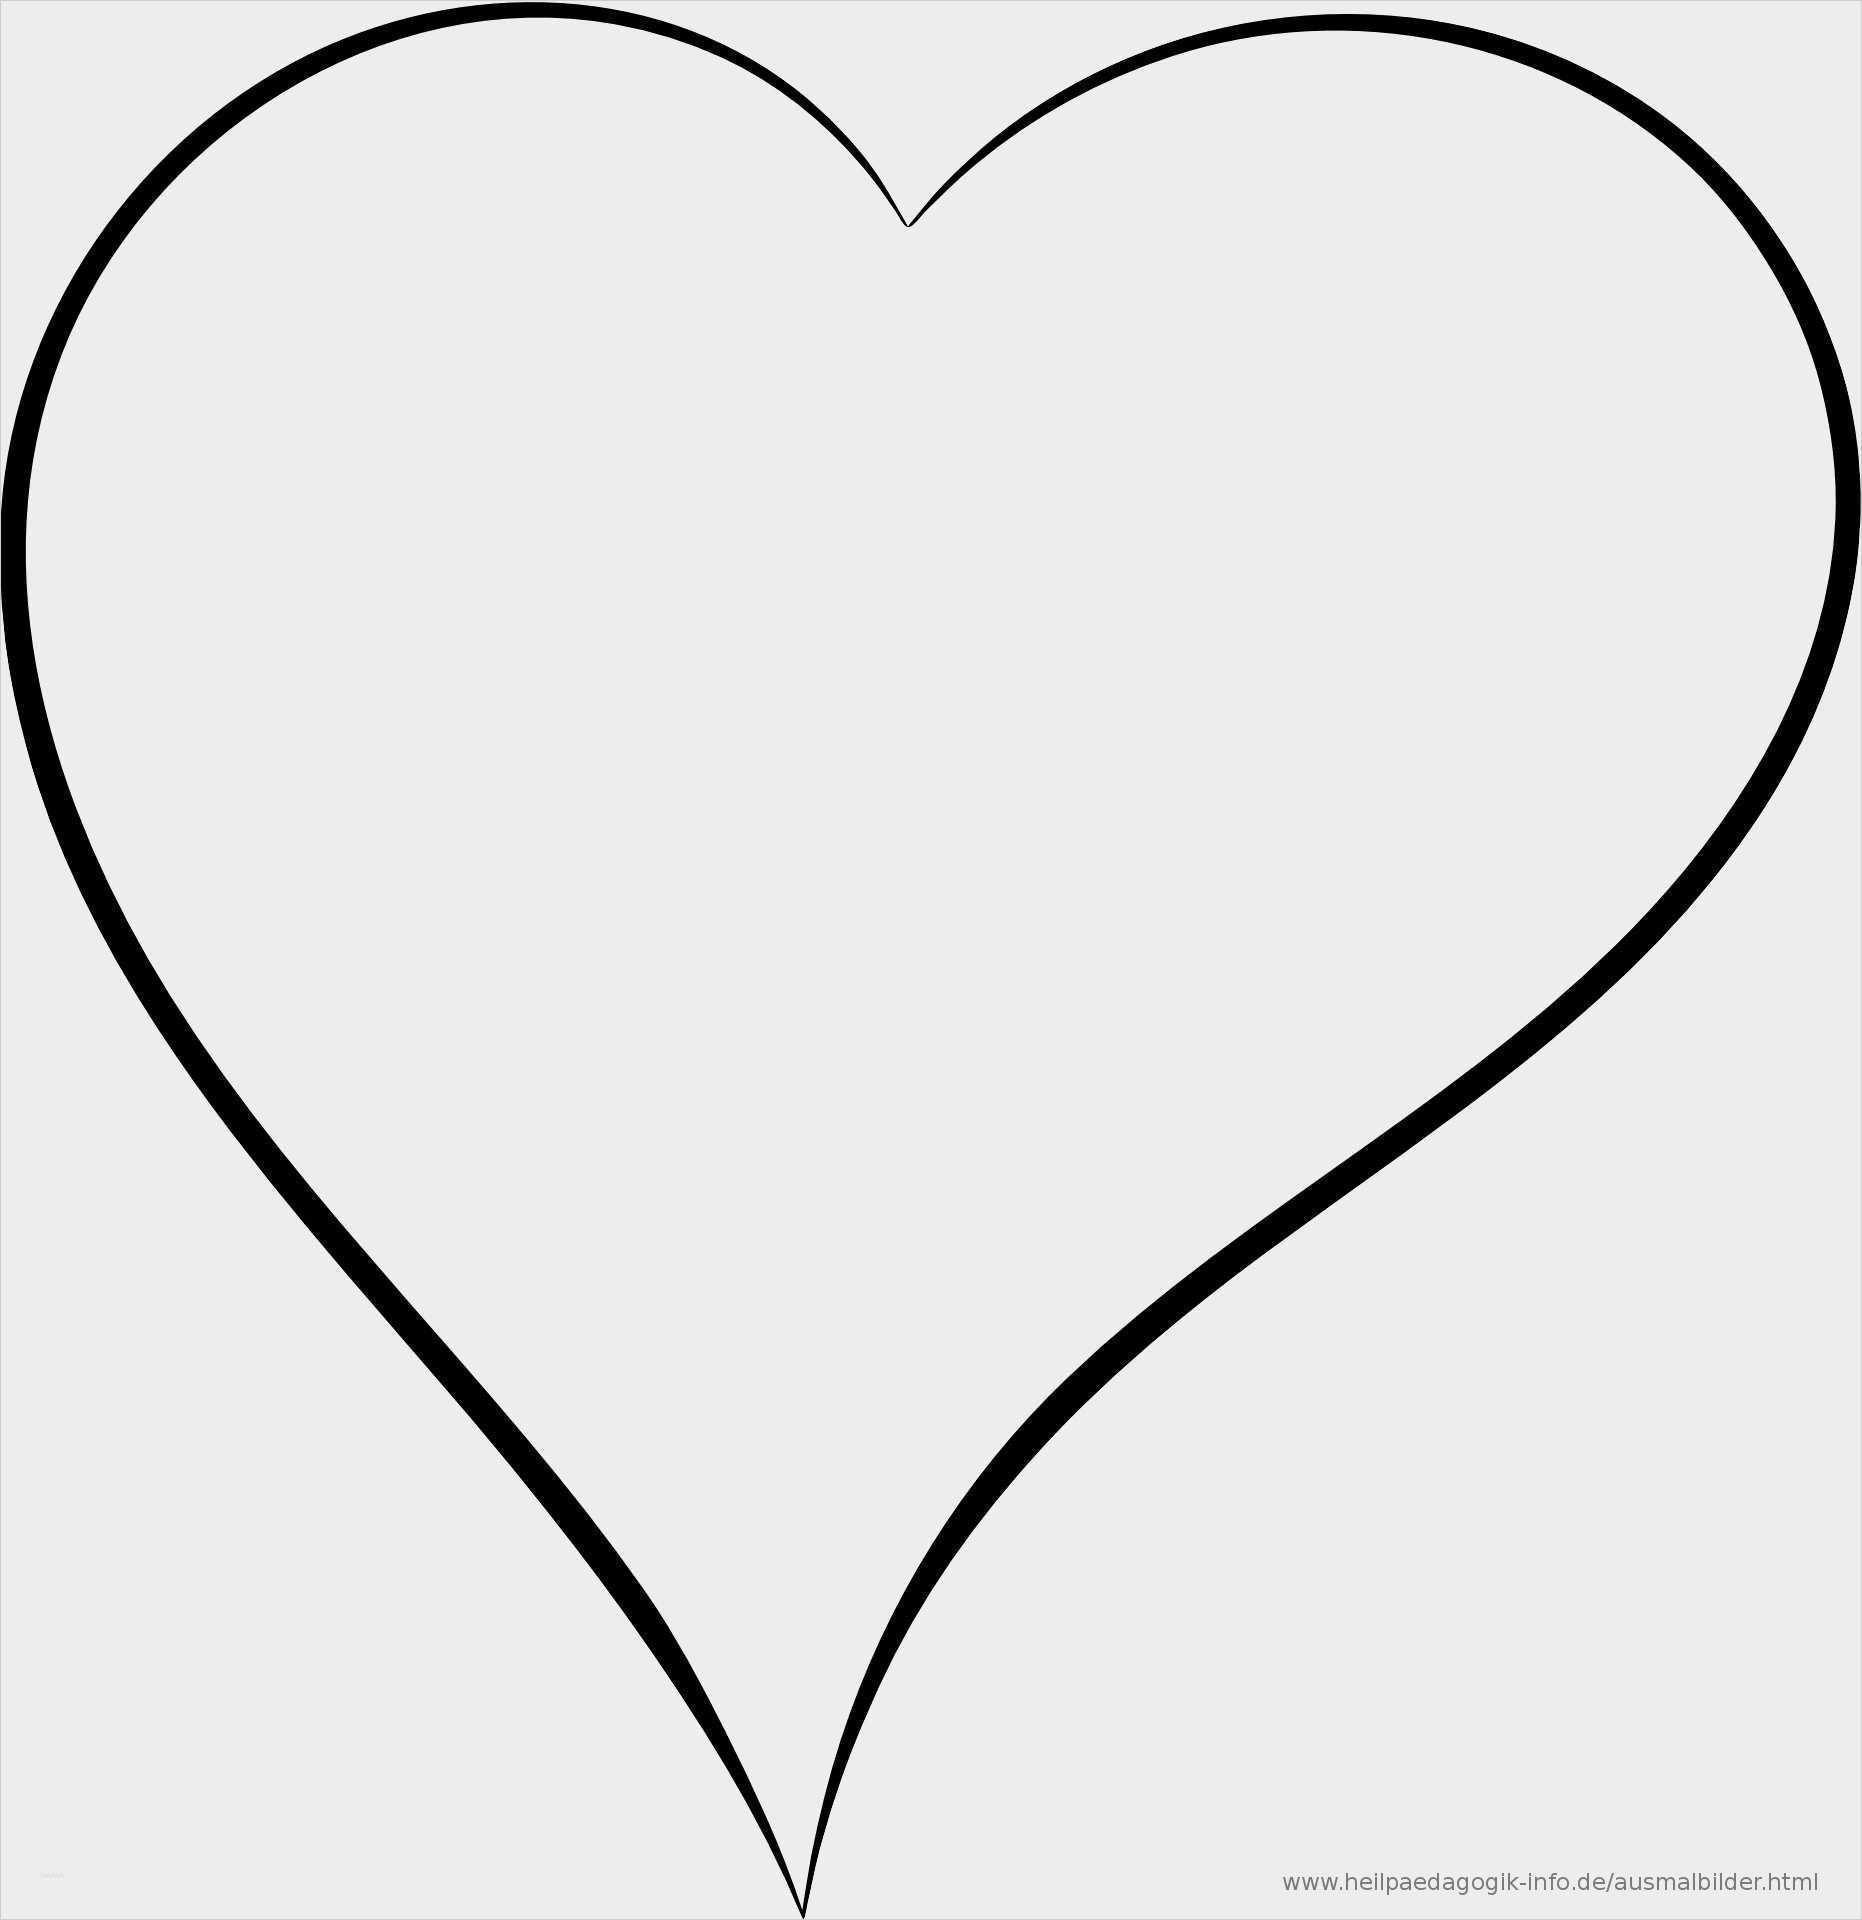 Unique Herz Vorlage Zum Ausdrucken Farbung Malvorlagen Malvorlagenfurkinder Herz Vorlage Herzschablone Ausdrucken